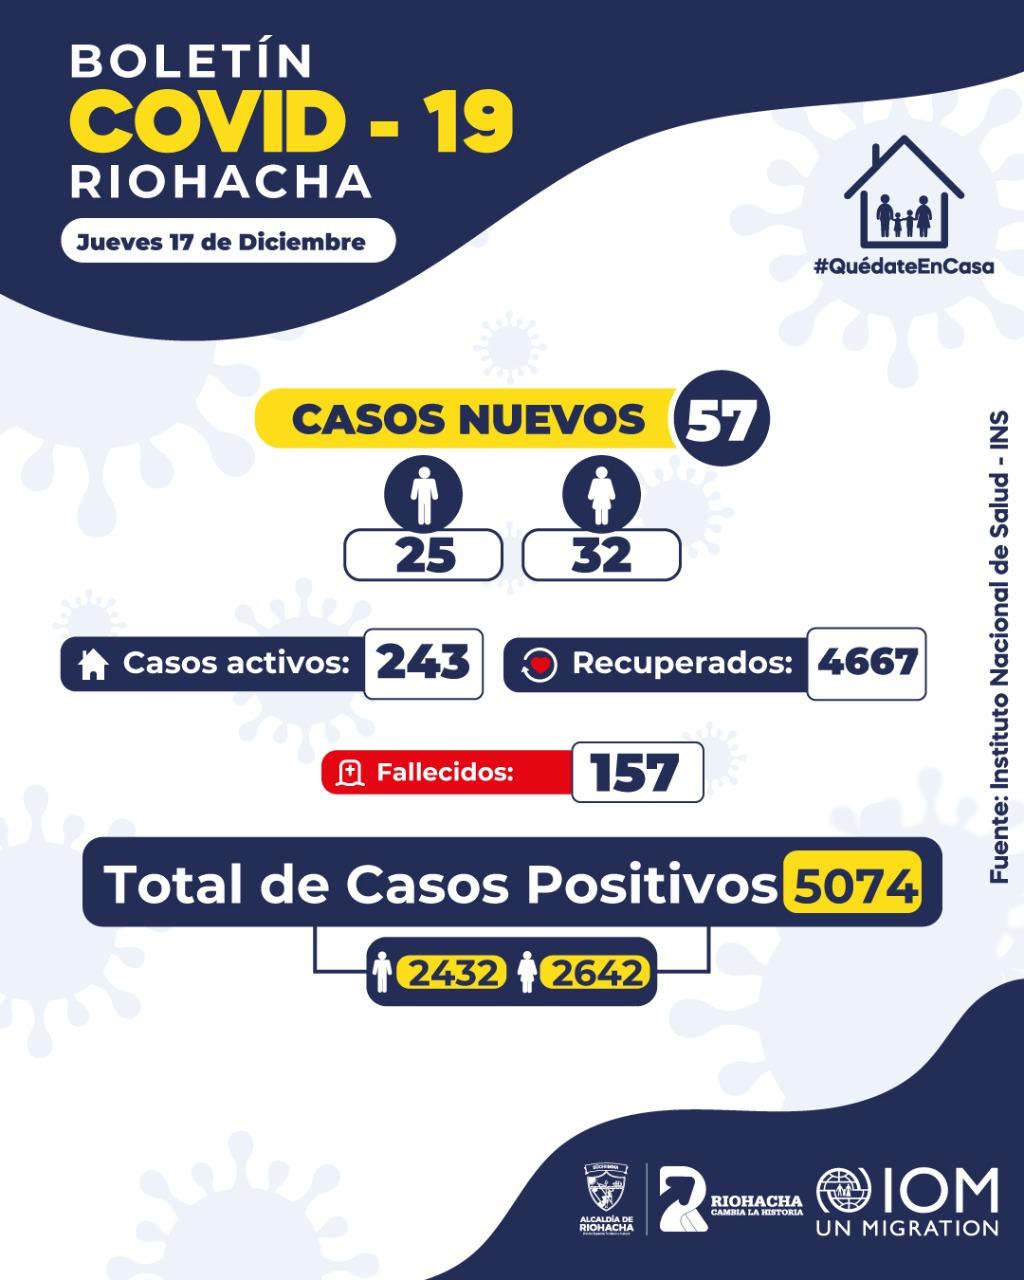 hoyennoticia.com, Riohacha tiene 57 casos nuevos de Covid-19